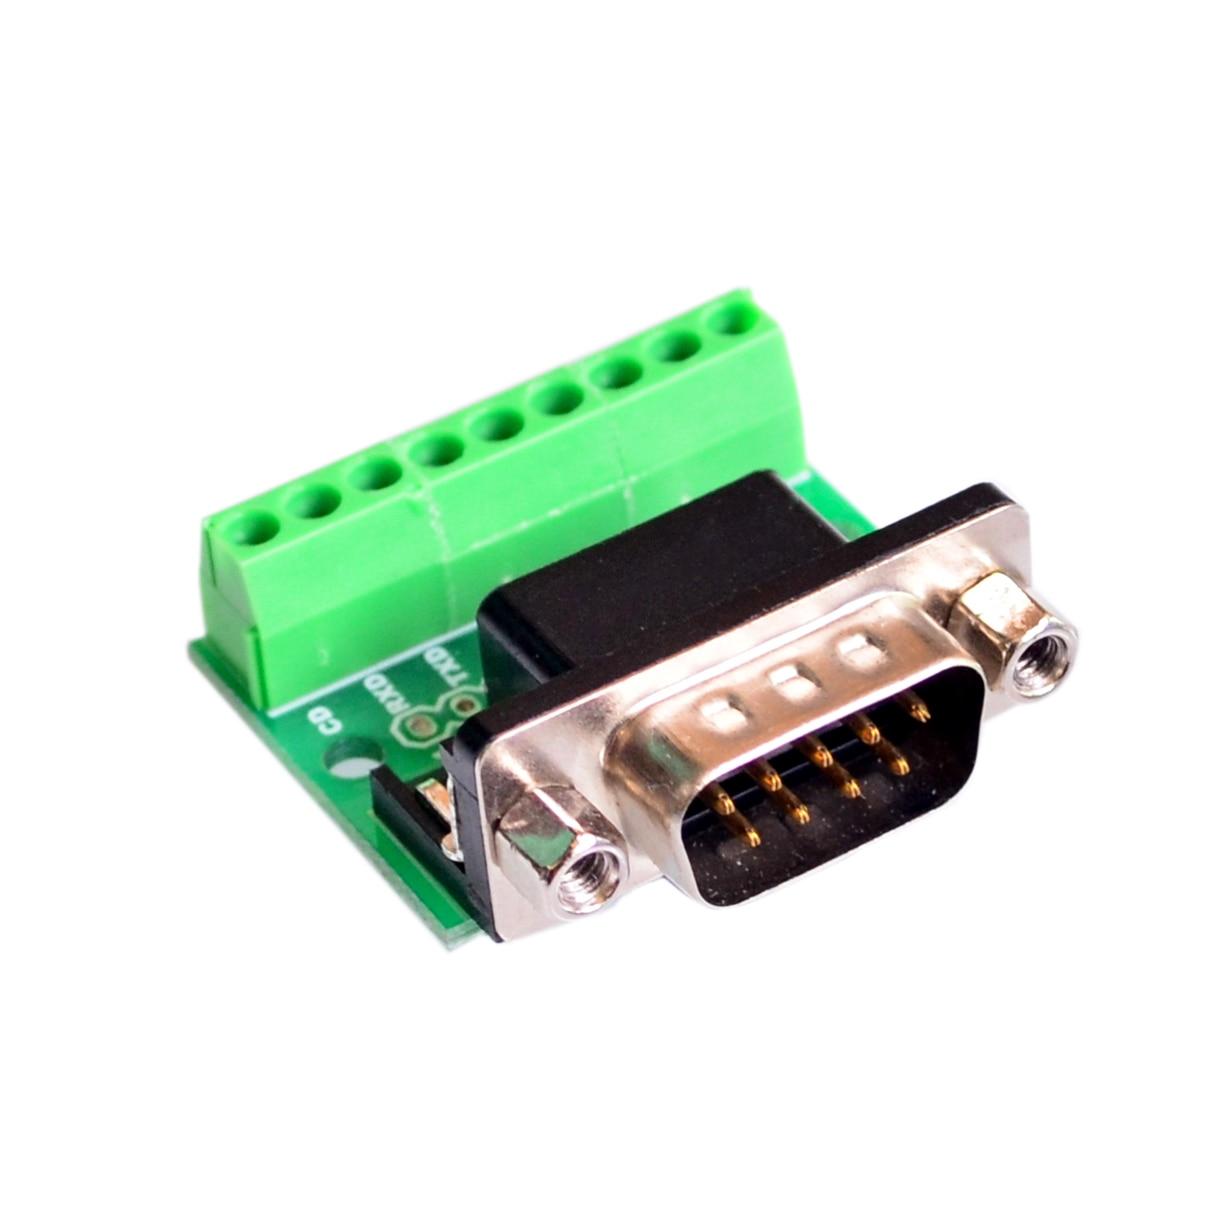 DB9 RS232 serie a Terminal conector adaptador macho tablero de ruptura negro + verde